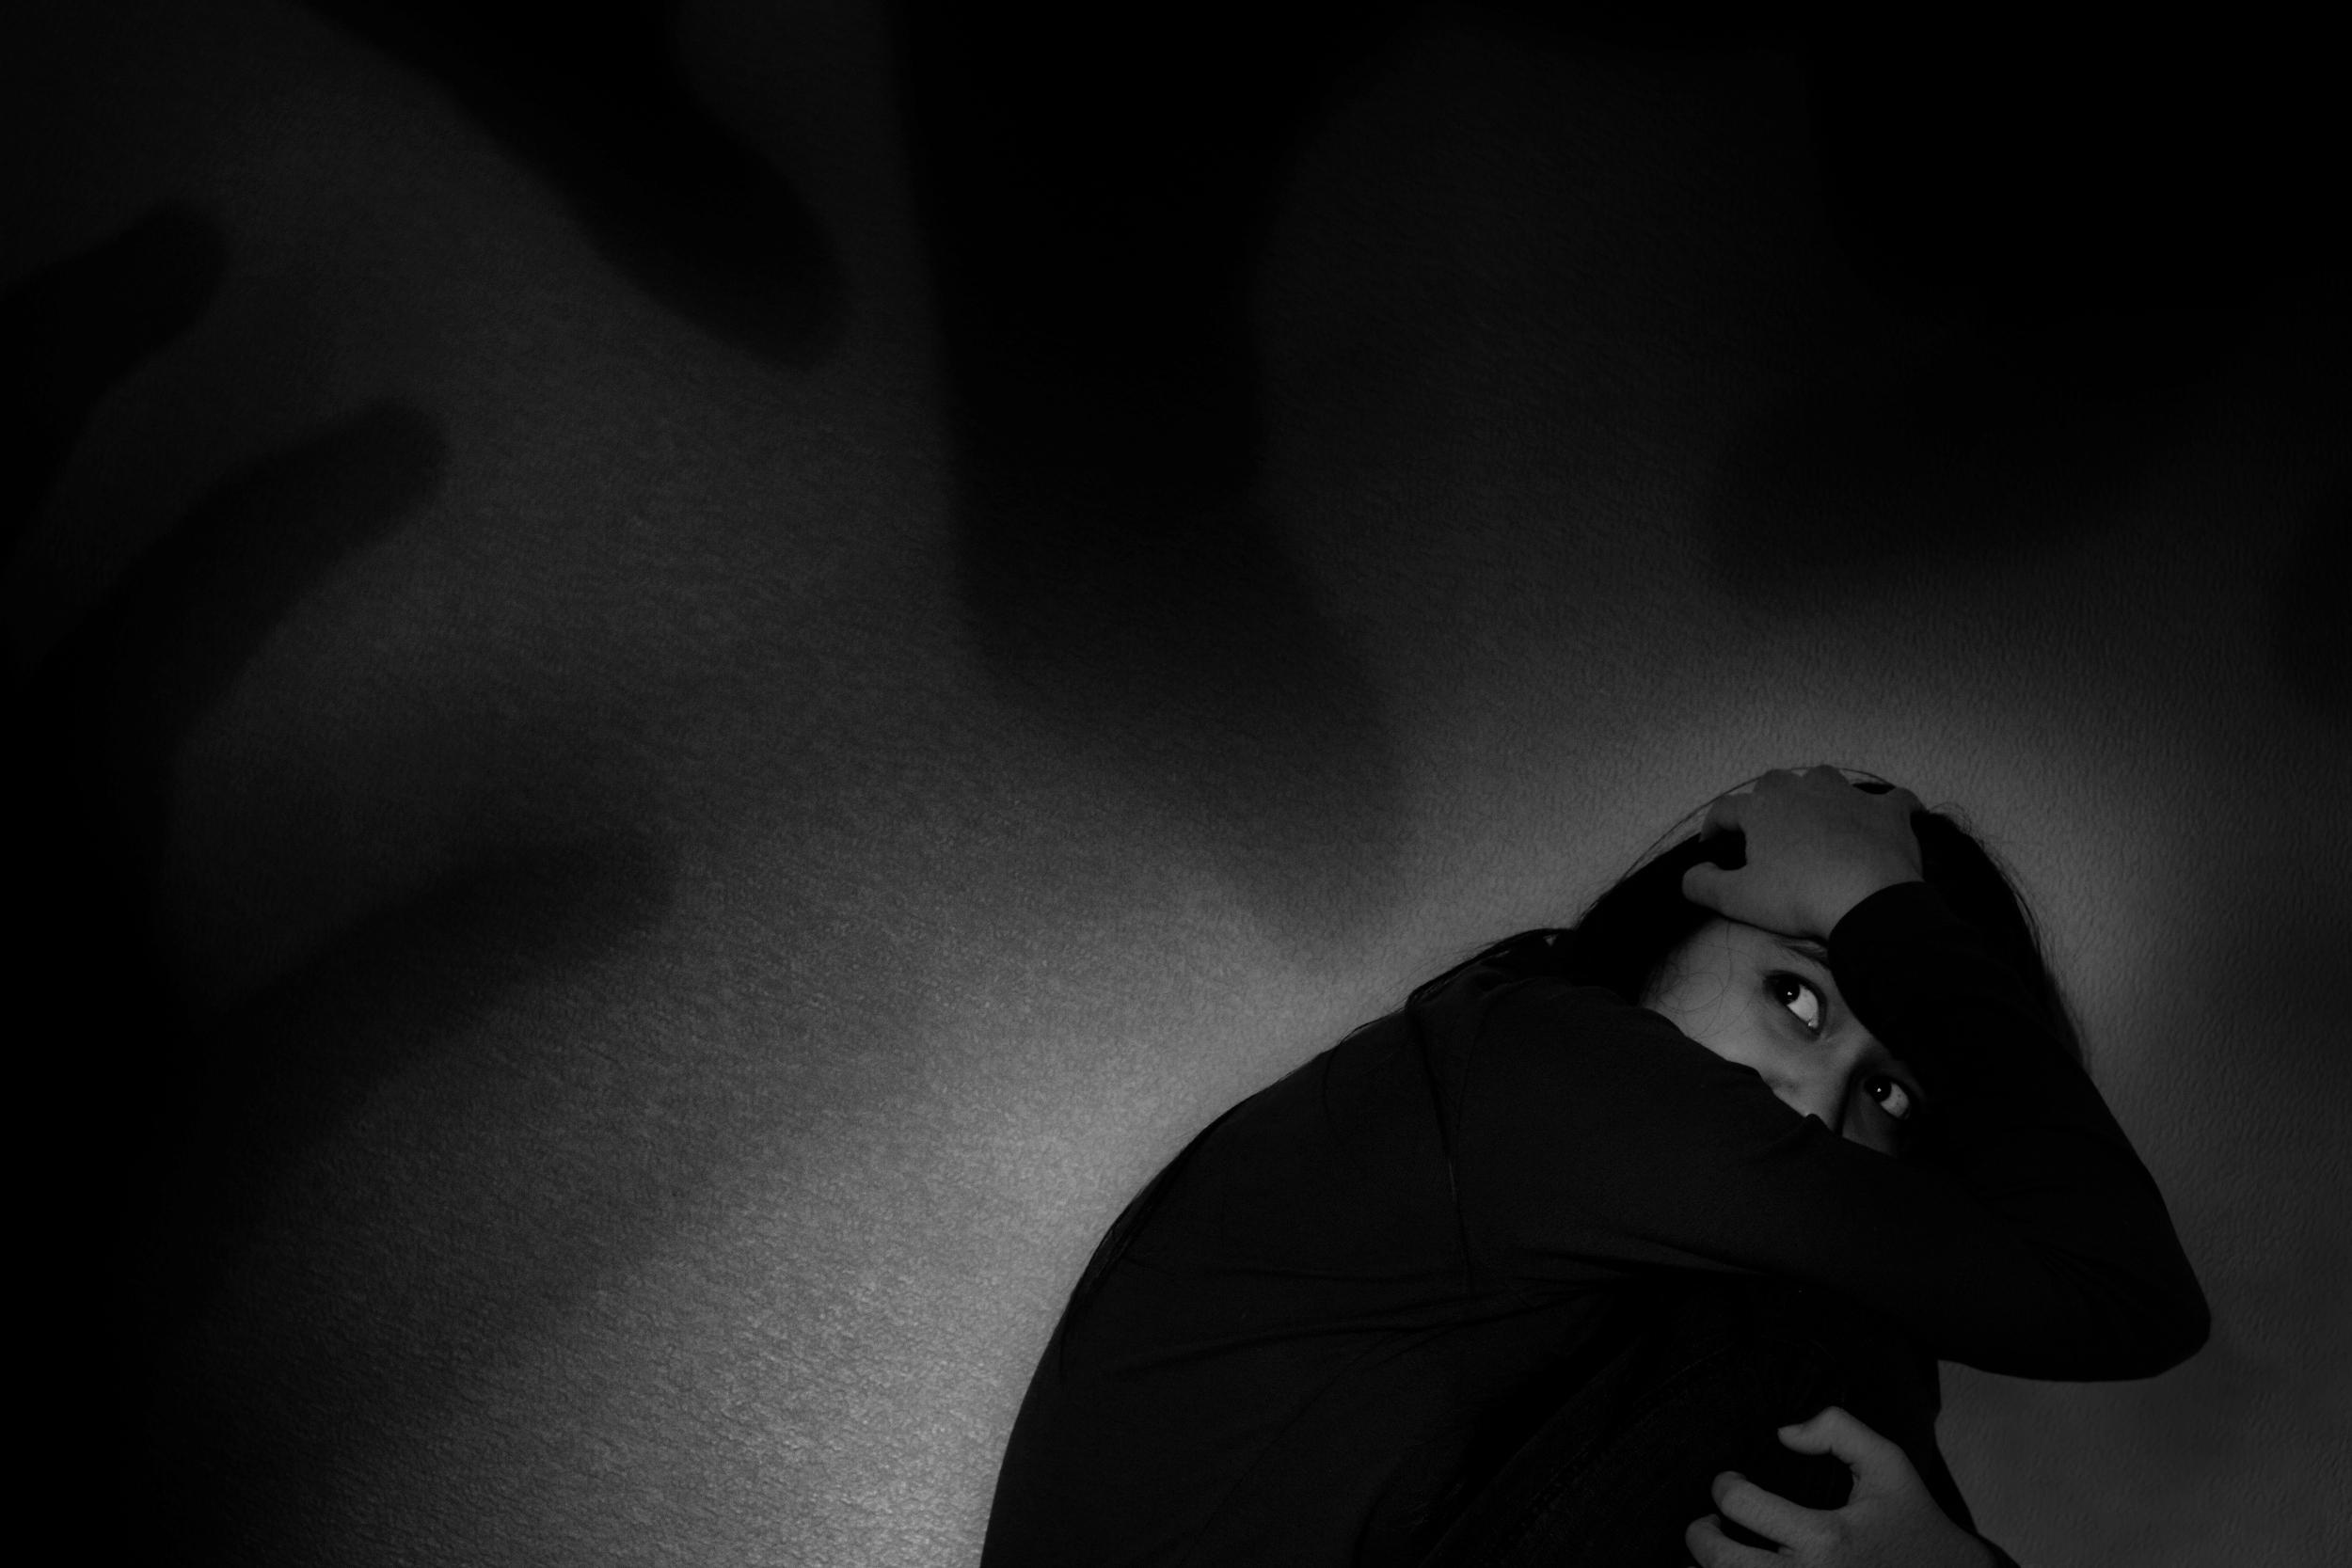 Pourquoi Suffoque-T-On Quand On A Peur ? - Neon concernant Quand Mettre Bébé Face À La Route